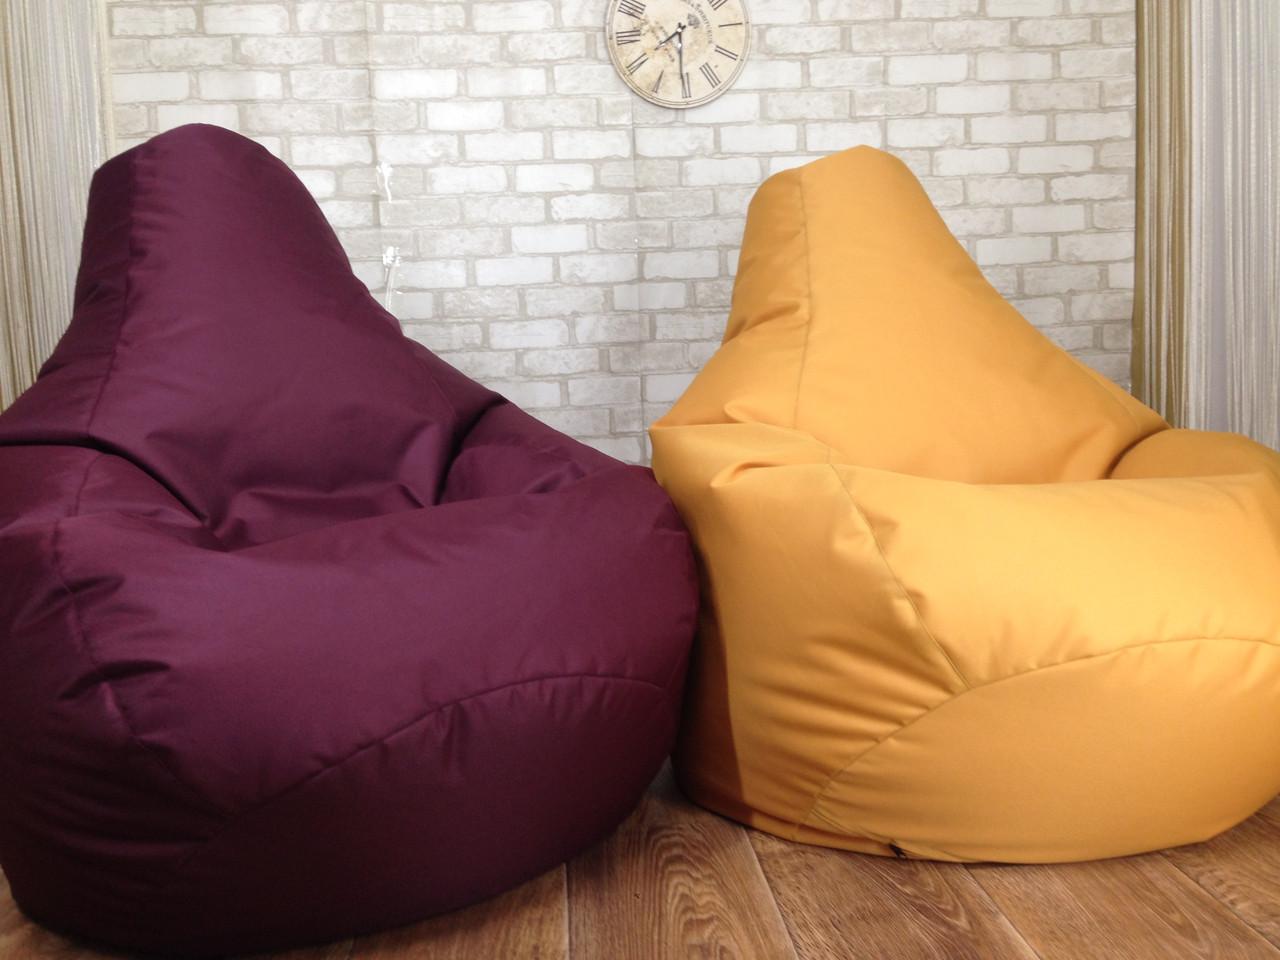 Кресло Мешок, бескаркасное кресло Груша ХХЛ, марсала